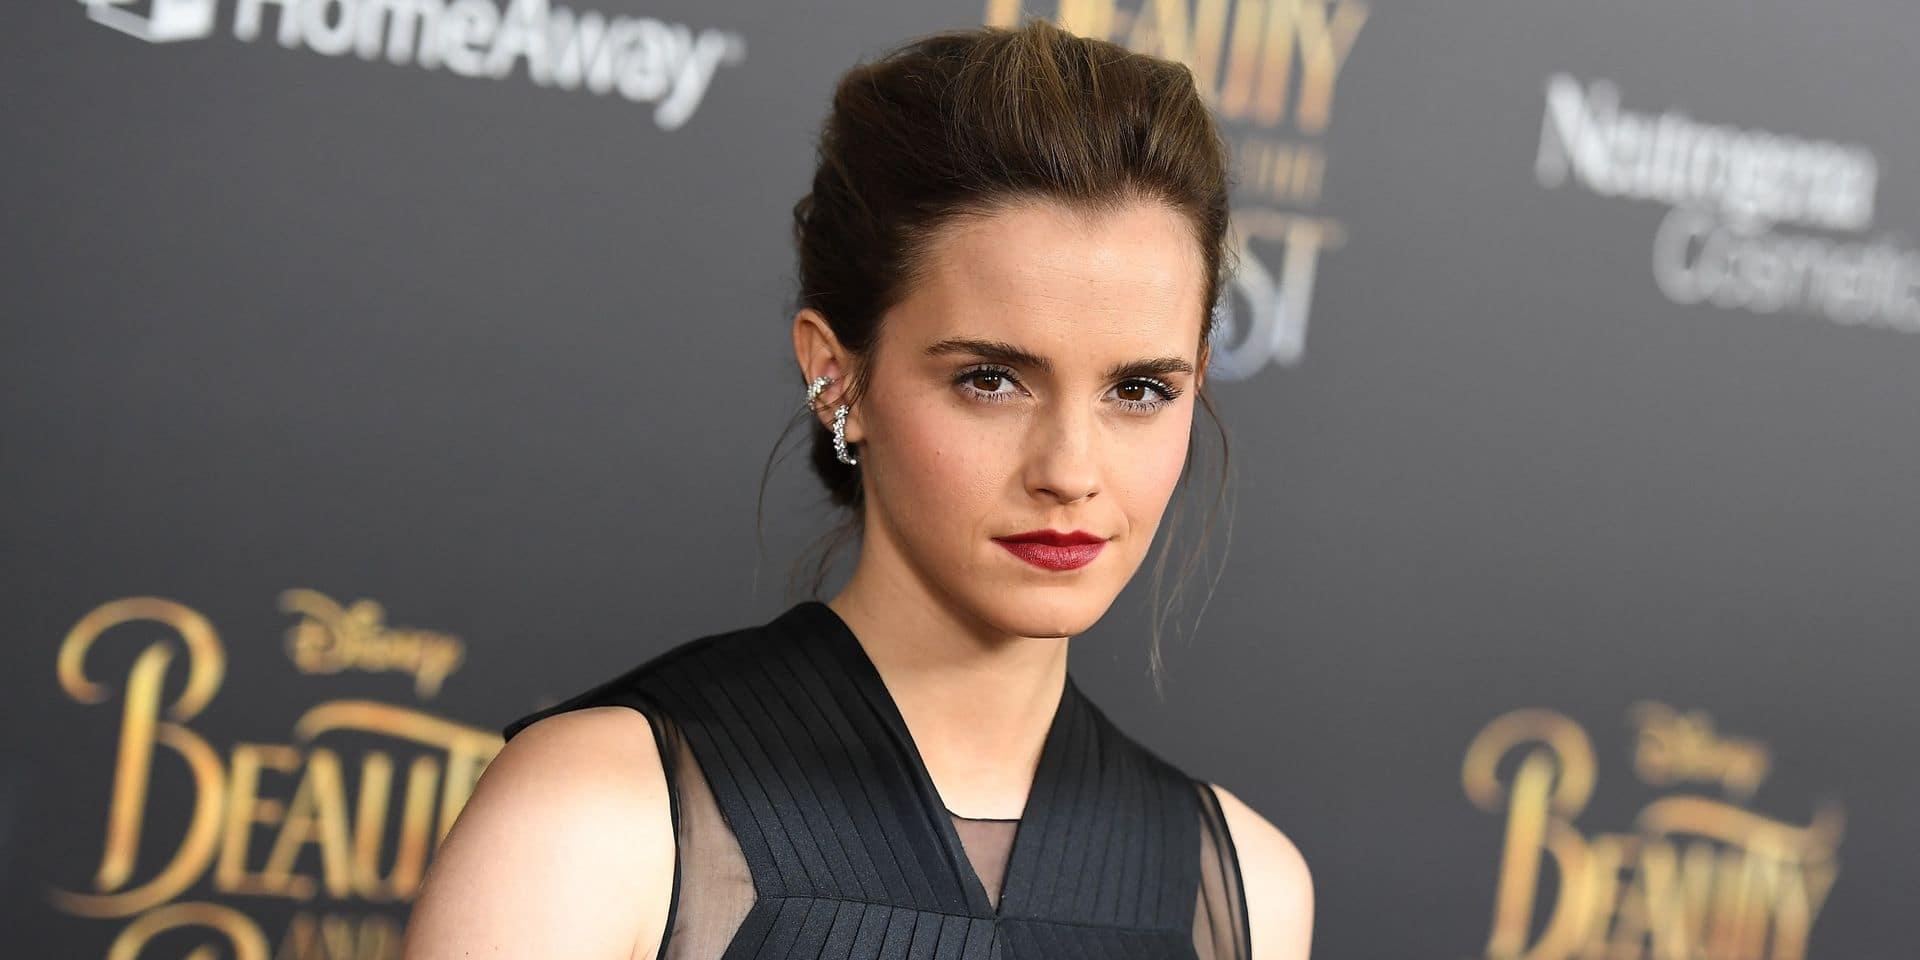 """Ce sosie d'Emma Watson perturbe les internautes : """"C'est incroyable !"""""""